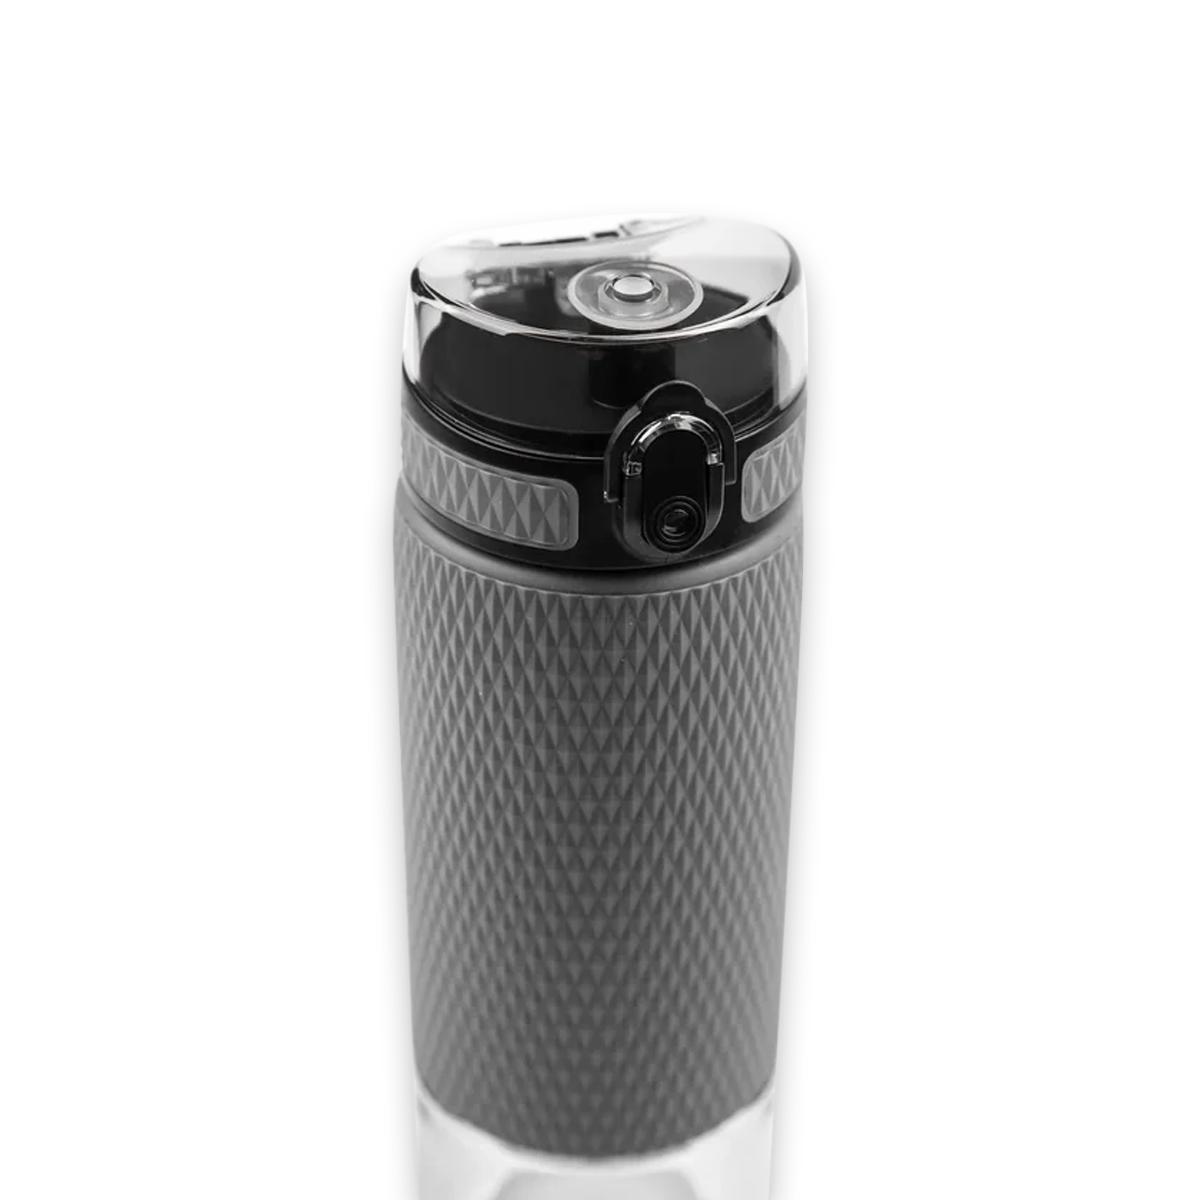 Генератор водородной воды Vione Mineral Bottle для приготовления структурированной, щелочной и водородной воды